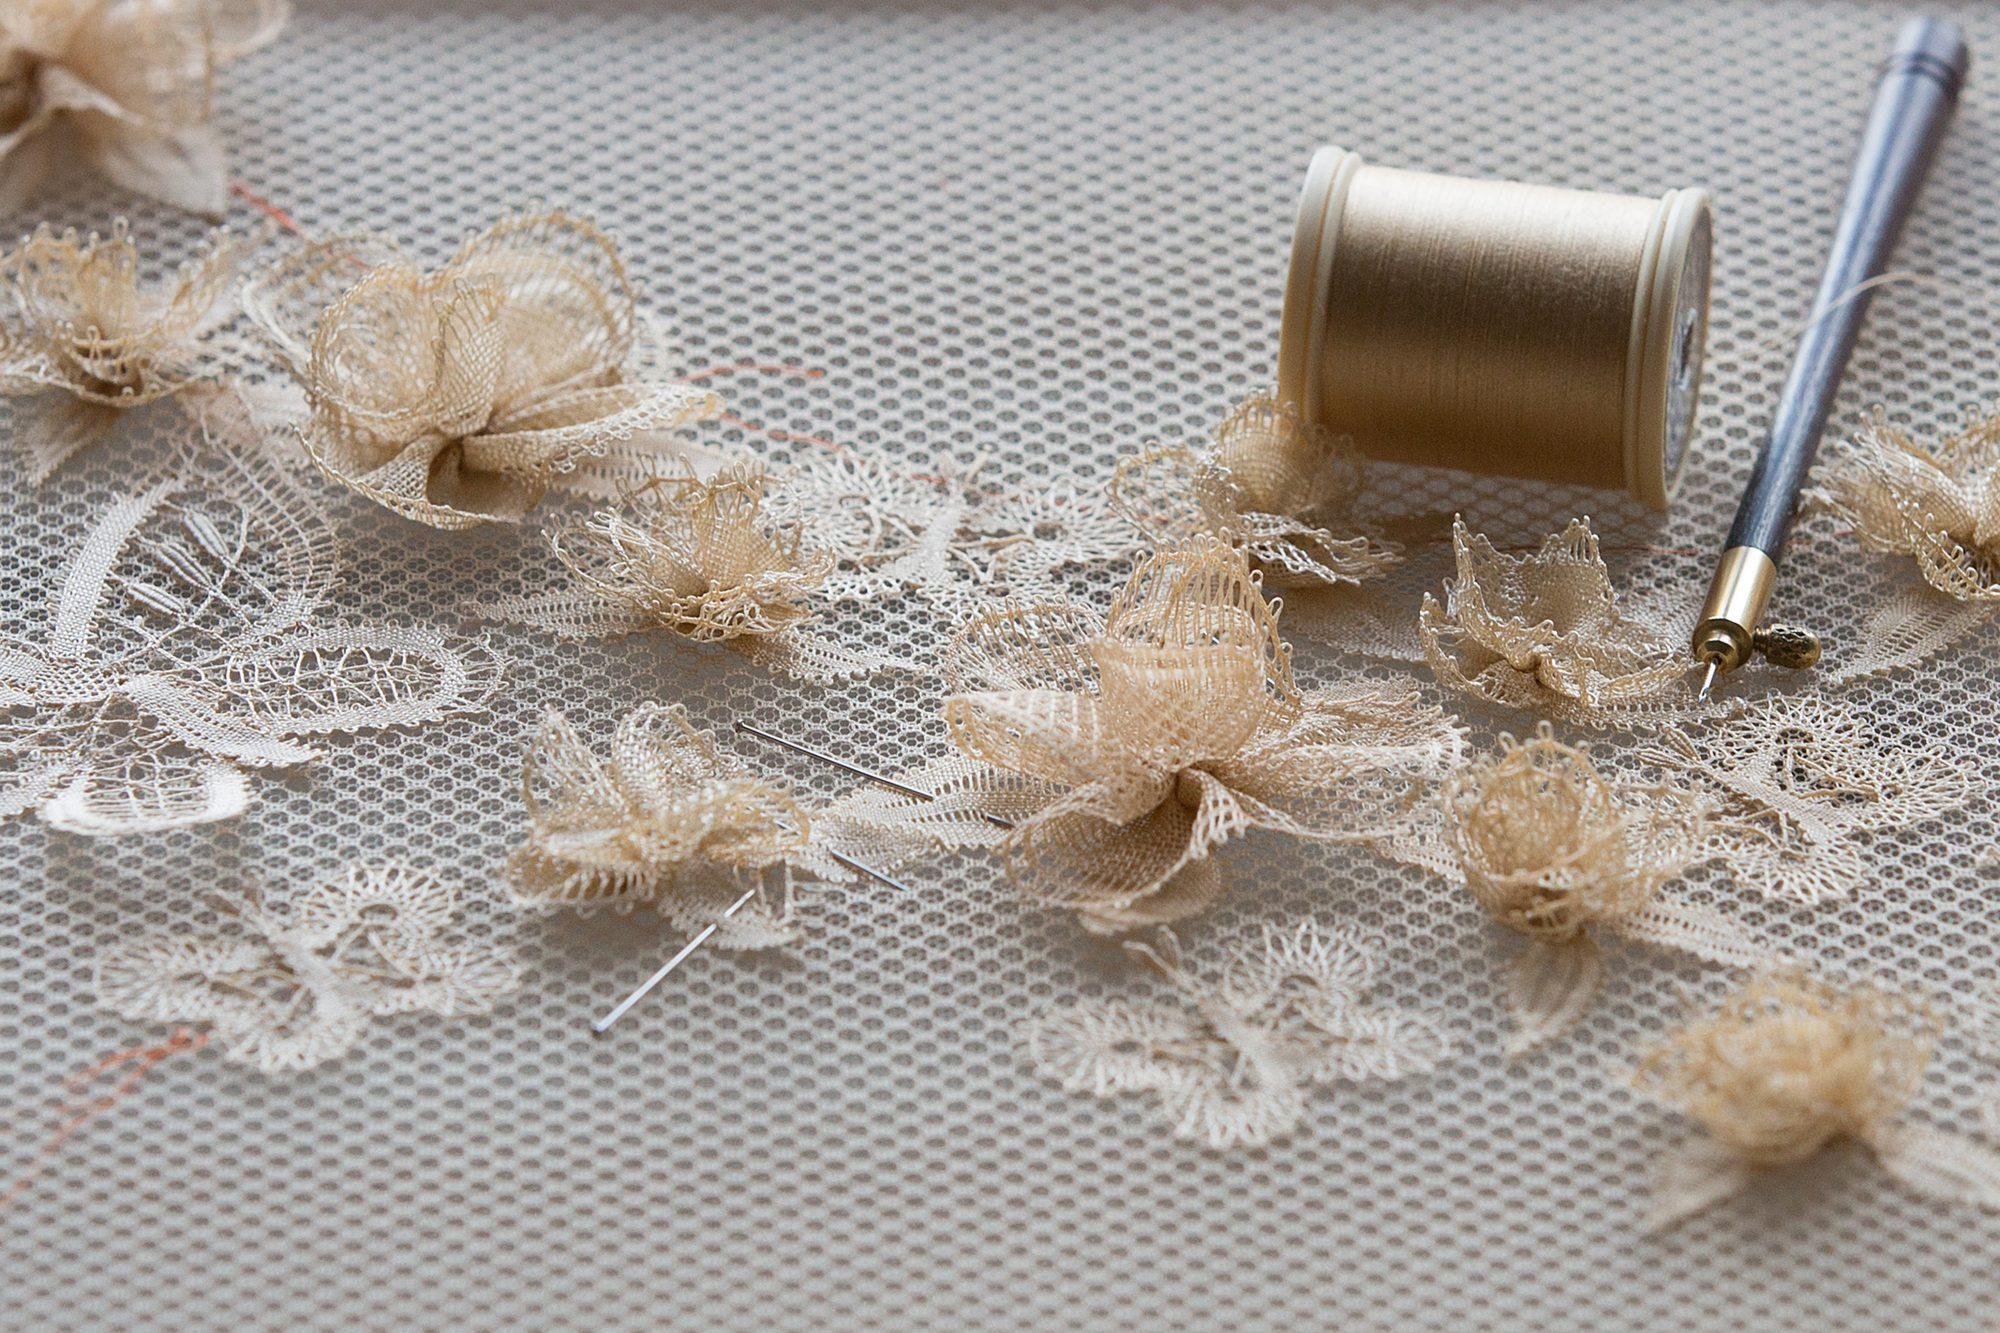 Kỹ thuật từ thế kỷ 15 có nguy cơ thất truyền trong chiếc váy của Dior - 1